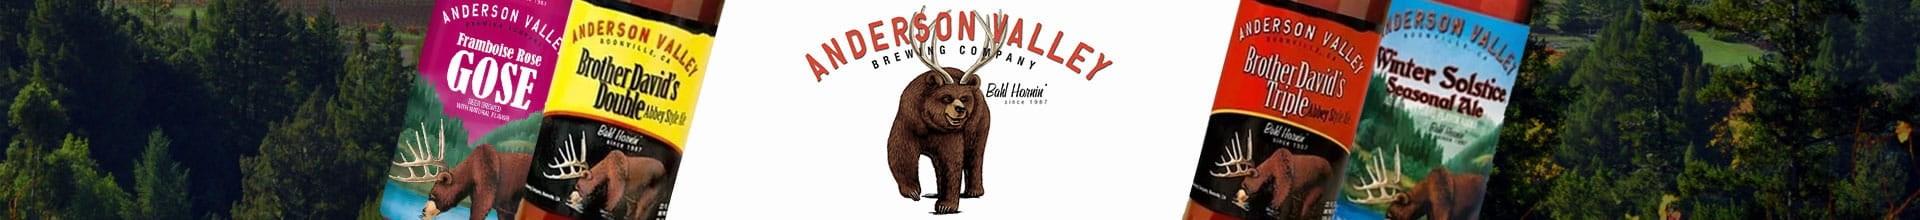 Banner Cervejaria Anderson Valley